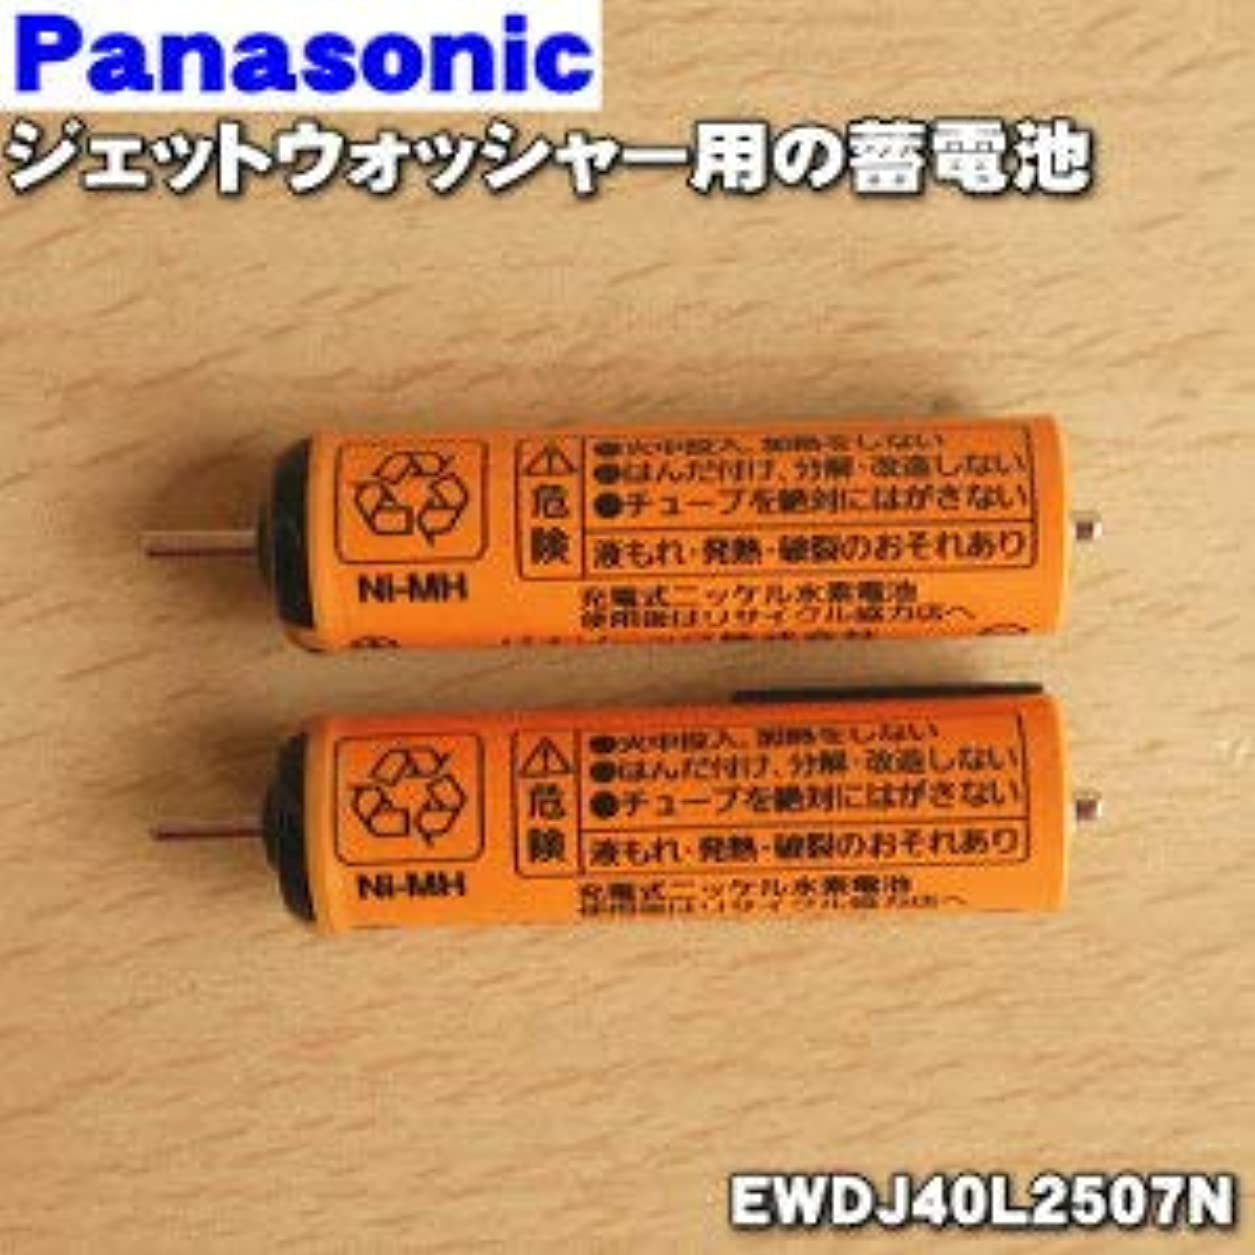 クリーナーさびた鷹パナソニック Panasonic 音波振動ハブラシ Doltz 蓄電池交換用蓄電池 EWDJ40L2507N